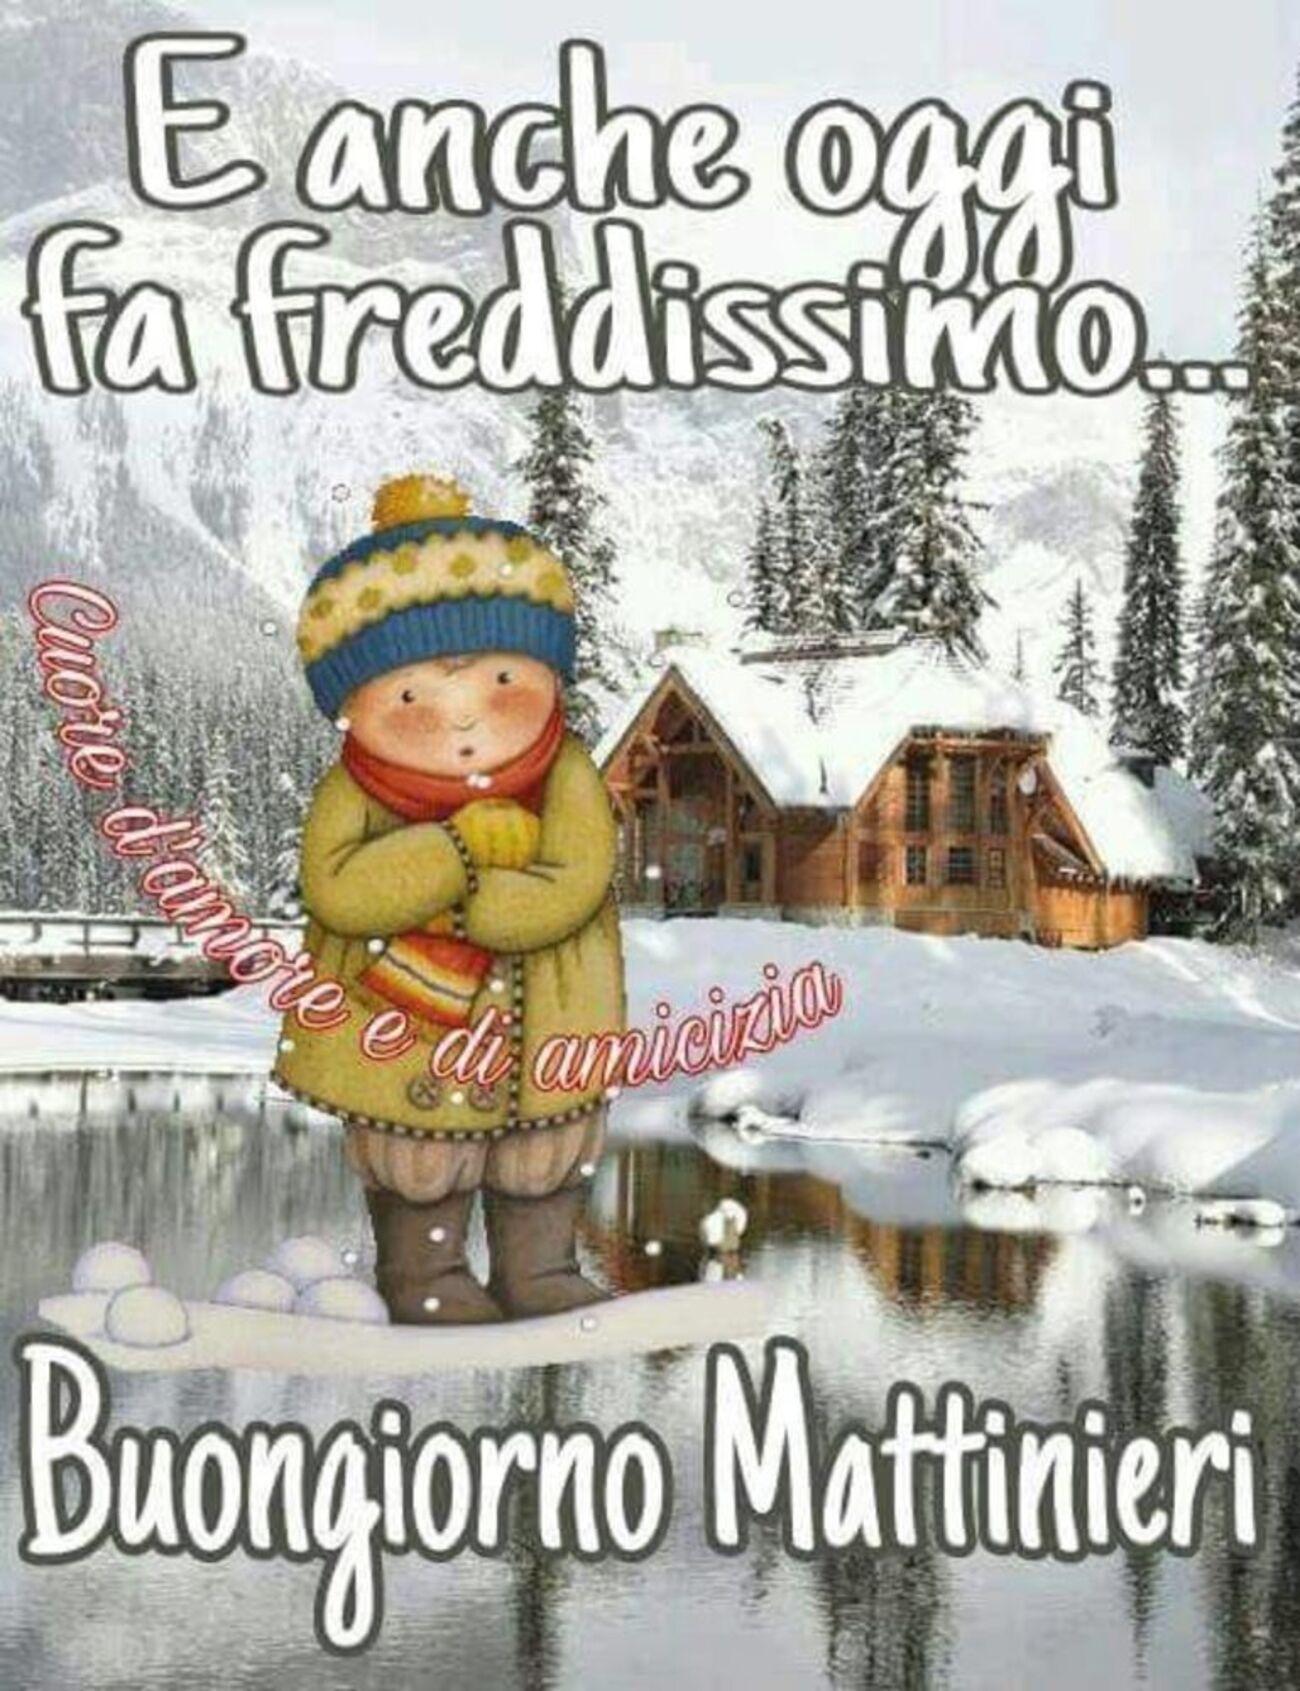 E anche oggi fa freddissimo... Buongiorno Mattinieri